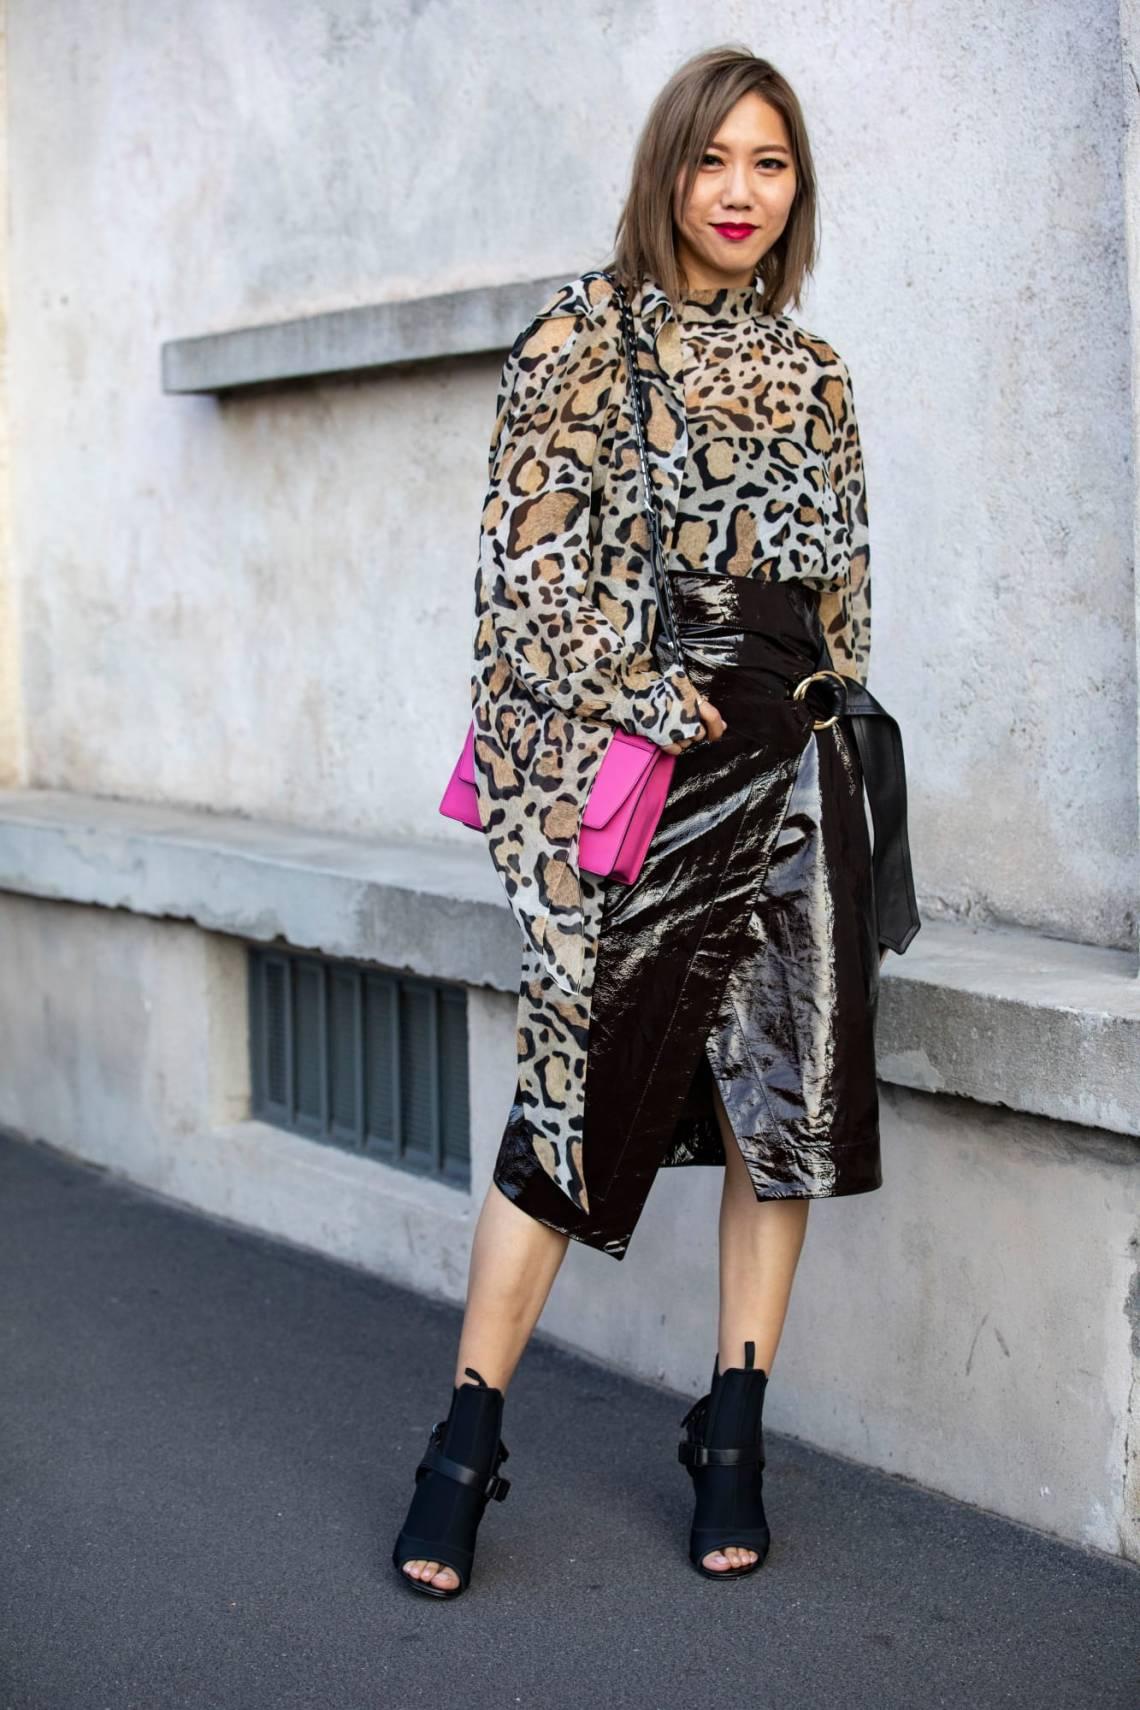 milan-fashion-week-spring-2019-street-style-day-2-21.jpg